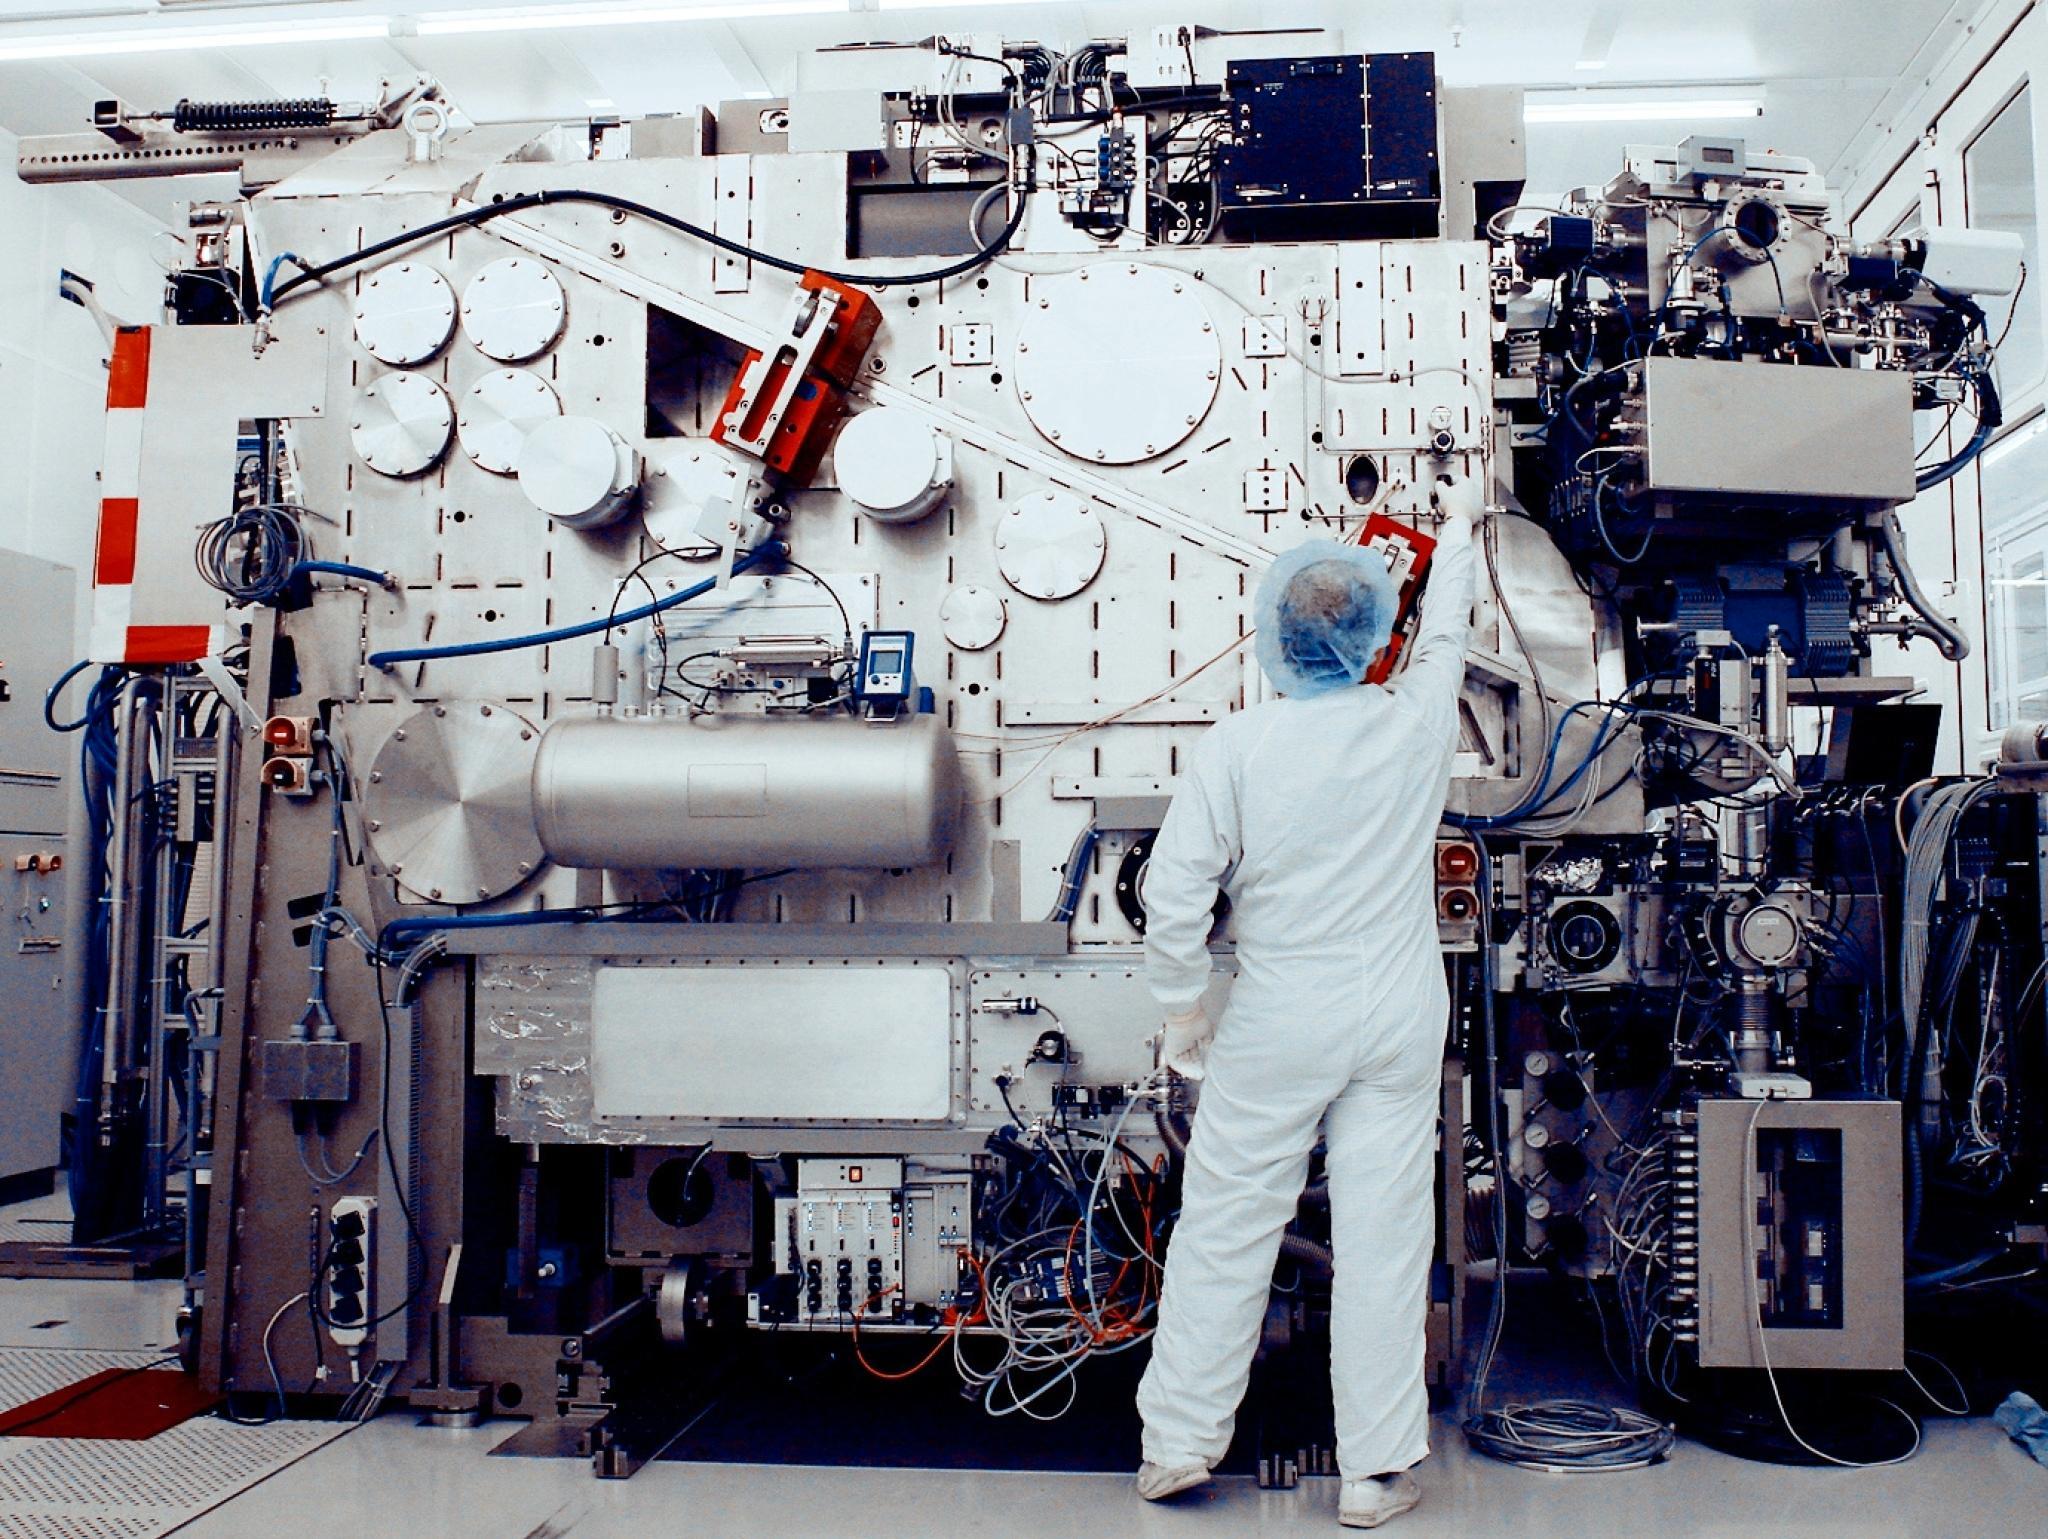 Forskere hos ASML jobber med fremtidens produksjonsutstyr for prosessorer.Foto: ASML